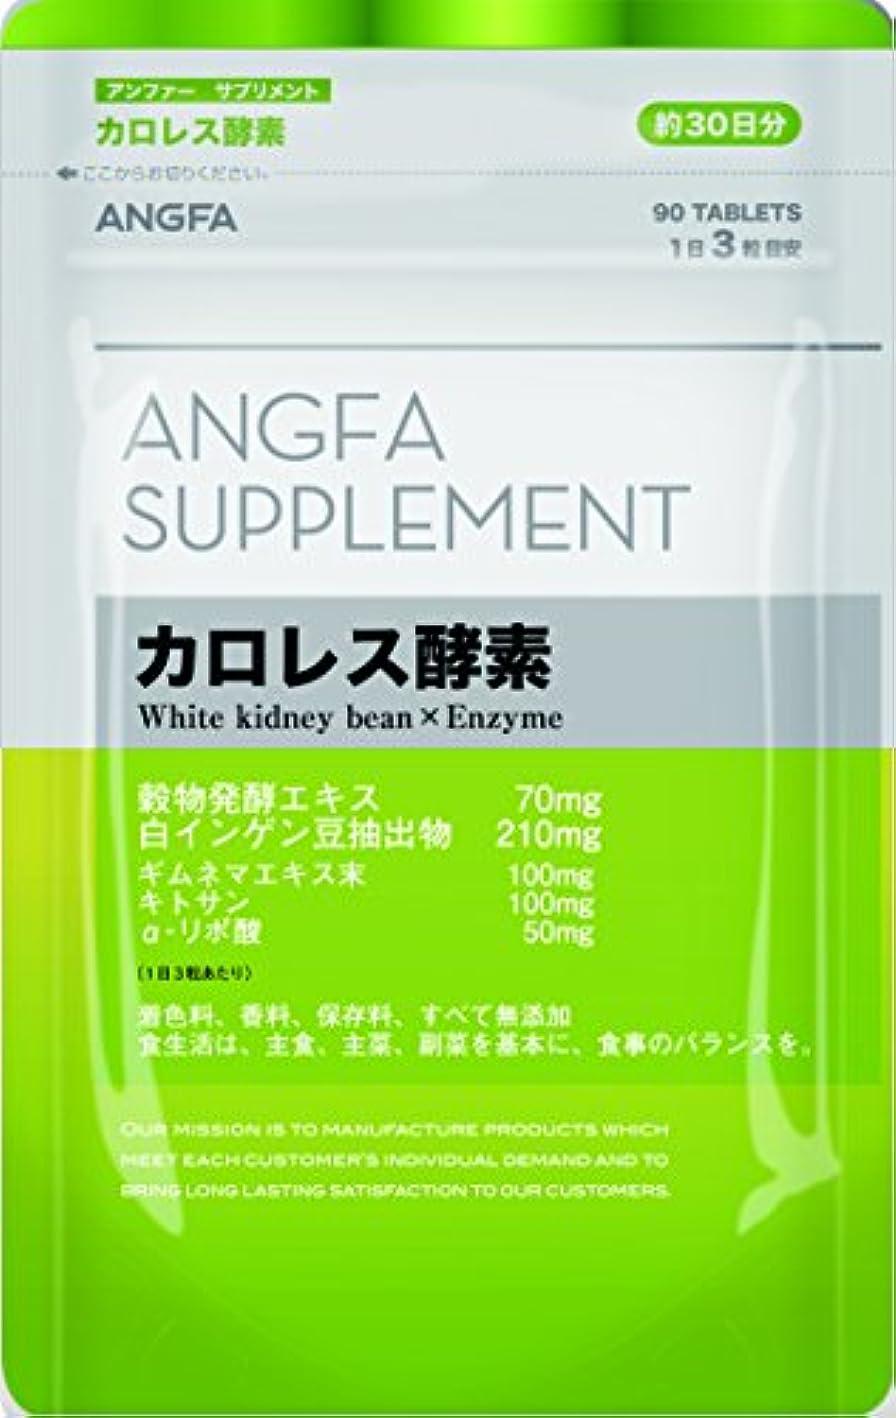 印象的な彼女のレシピアンファー (ANGFA) サプリメント カロレス酵素 90粒 ダイエットサポート サプリメント